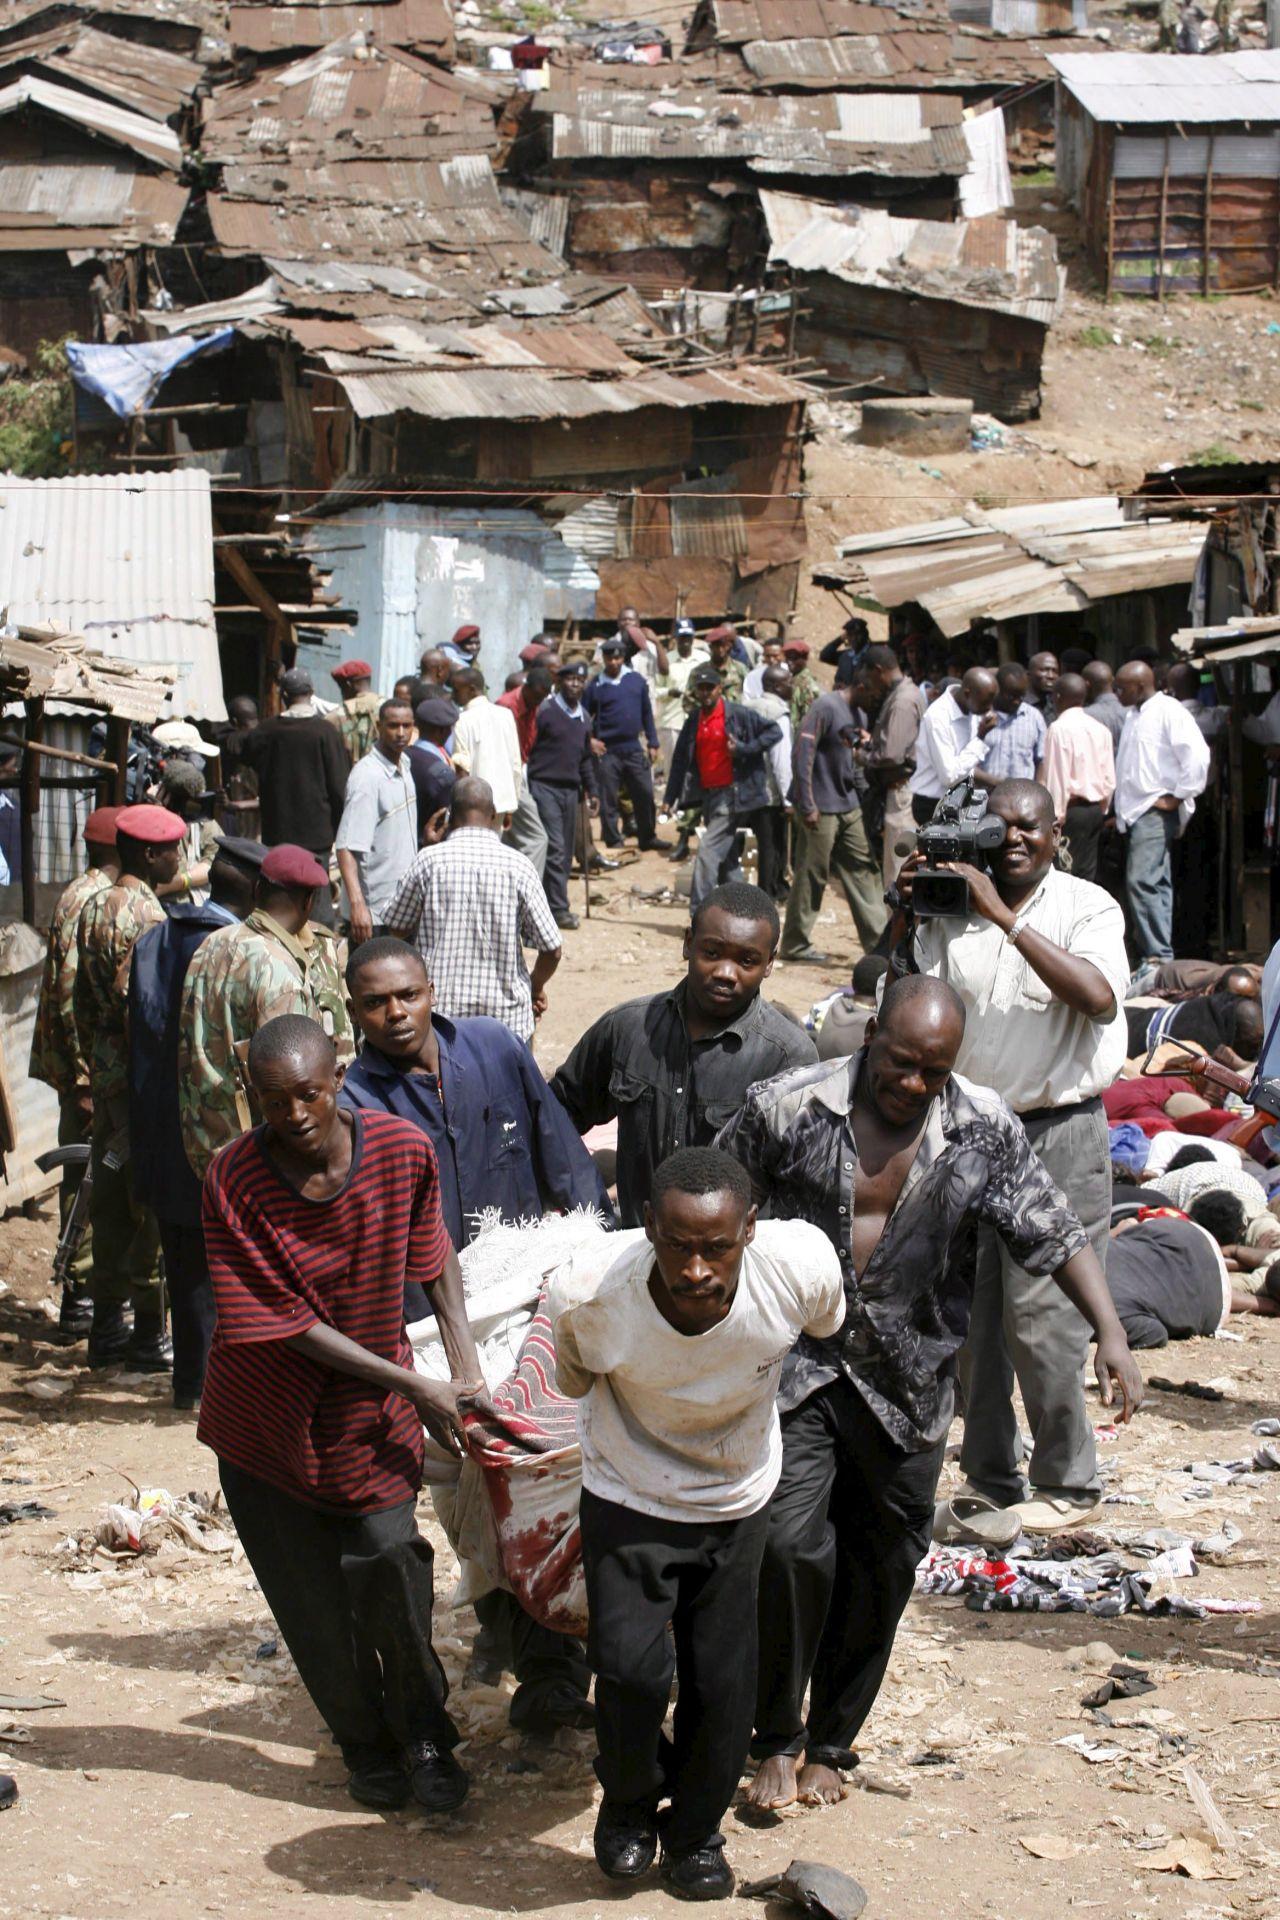 """Die """"Mungiki-Sekte"""" verbreitet in Kenia Terror. Sie stammt aus den Slums von Nairobi und war zunächst eine soziale Bewegung, die für Sicherheit sorgen und gegen Korruption vorgehen wollte."""